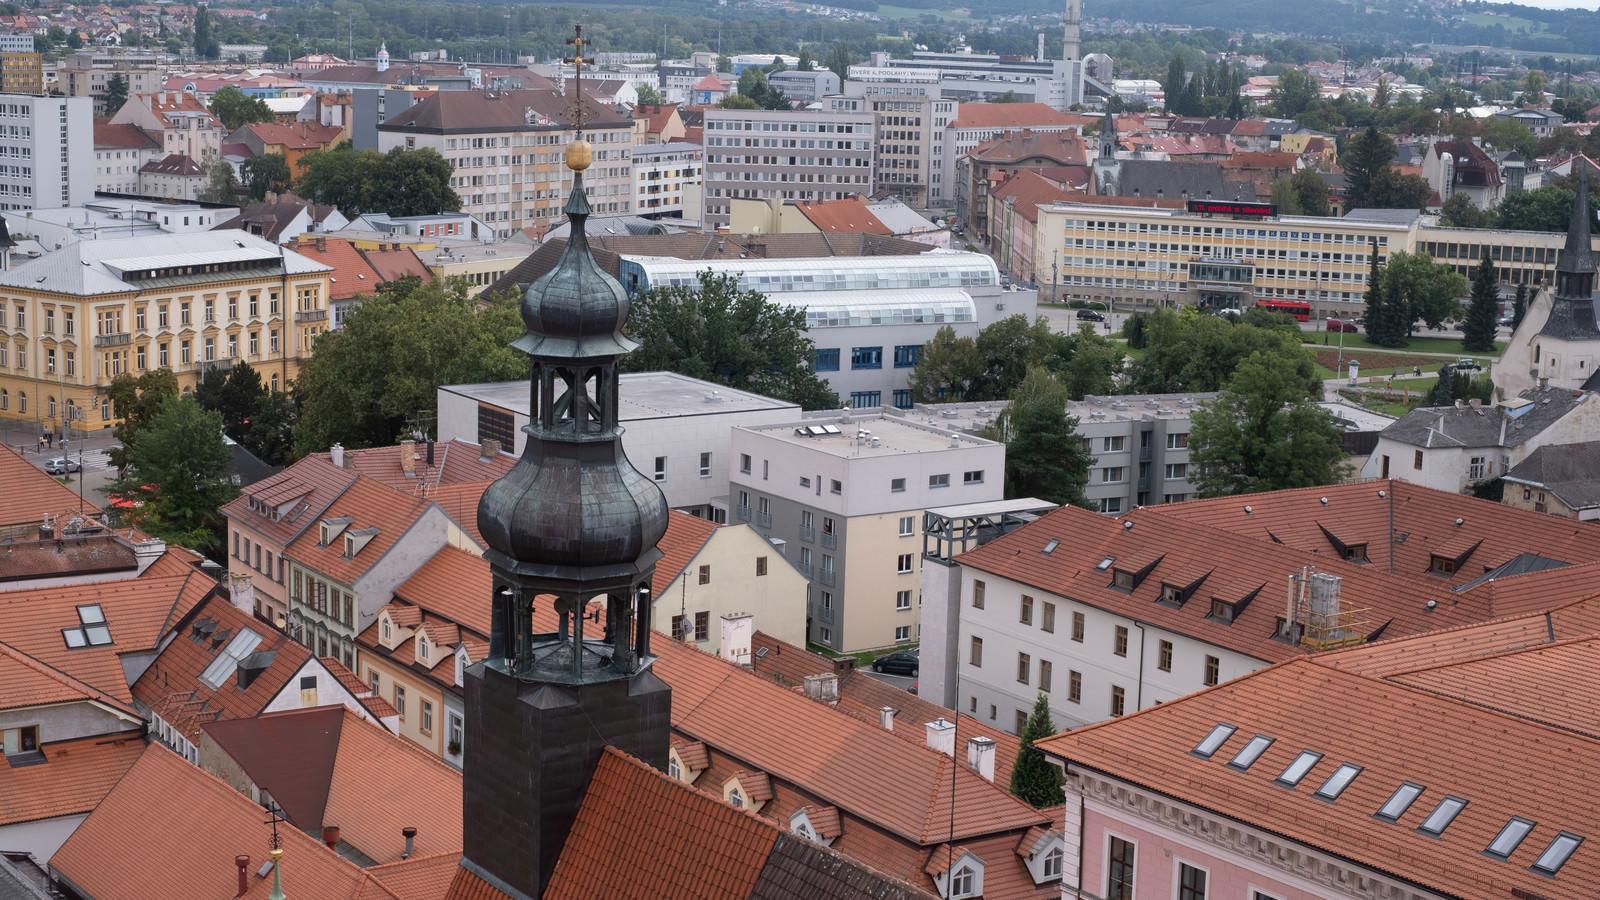 「赤茶色の屋根と街並み(チェコ共和国・ブドヴァル)」の写真